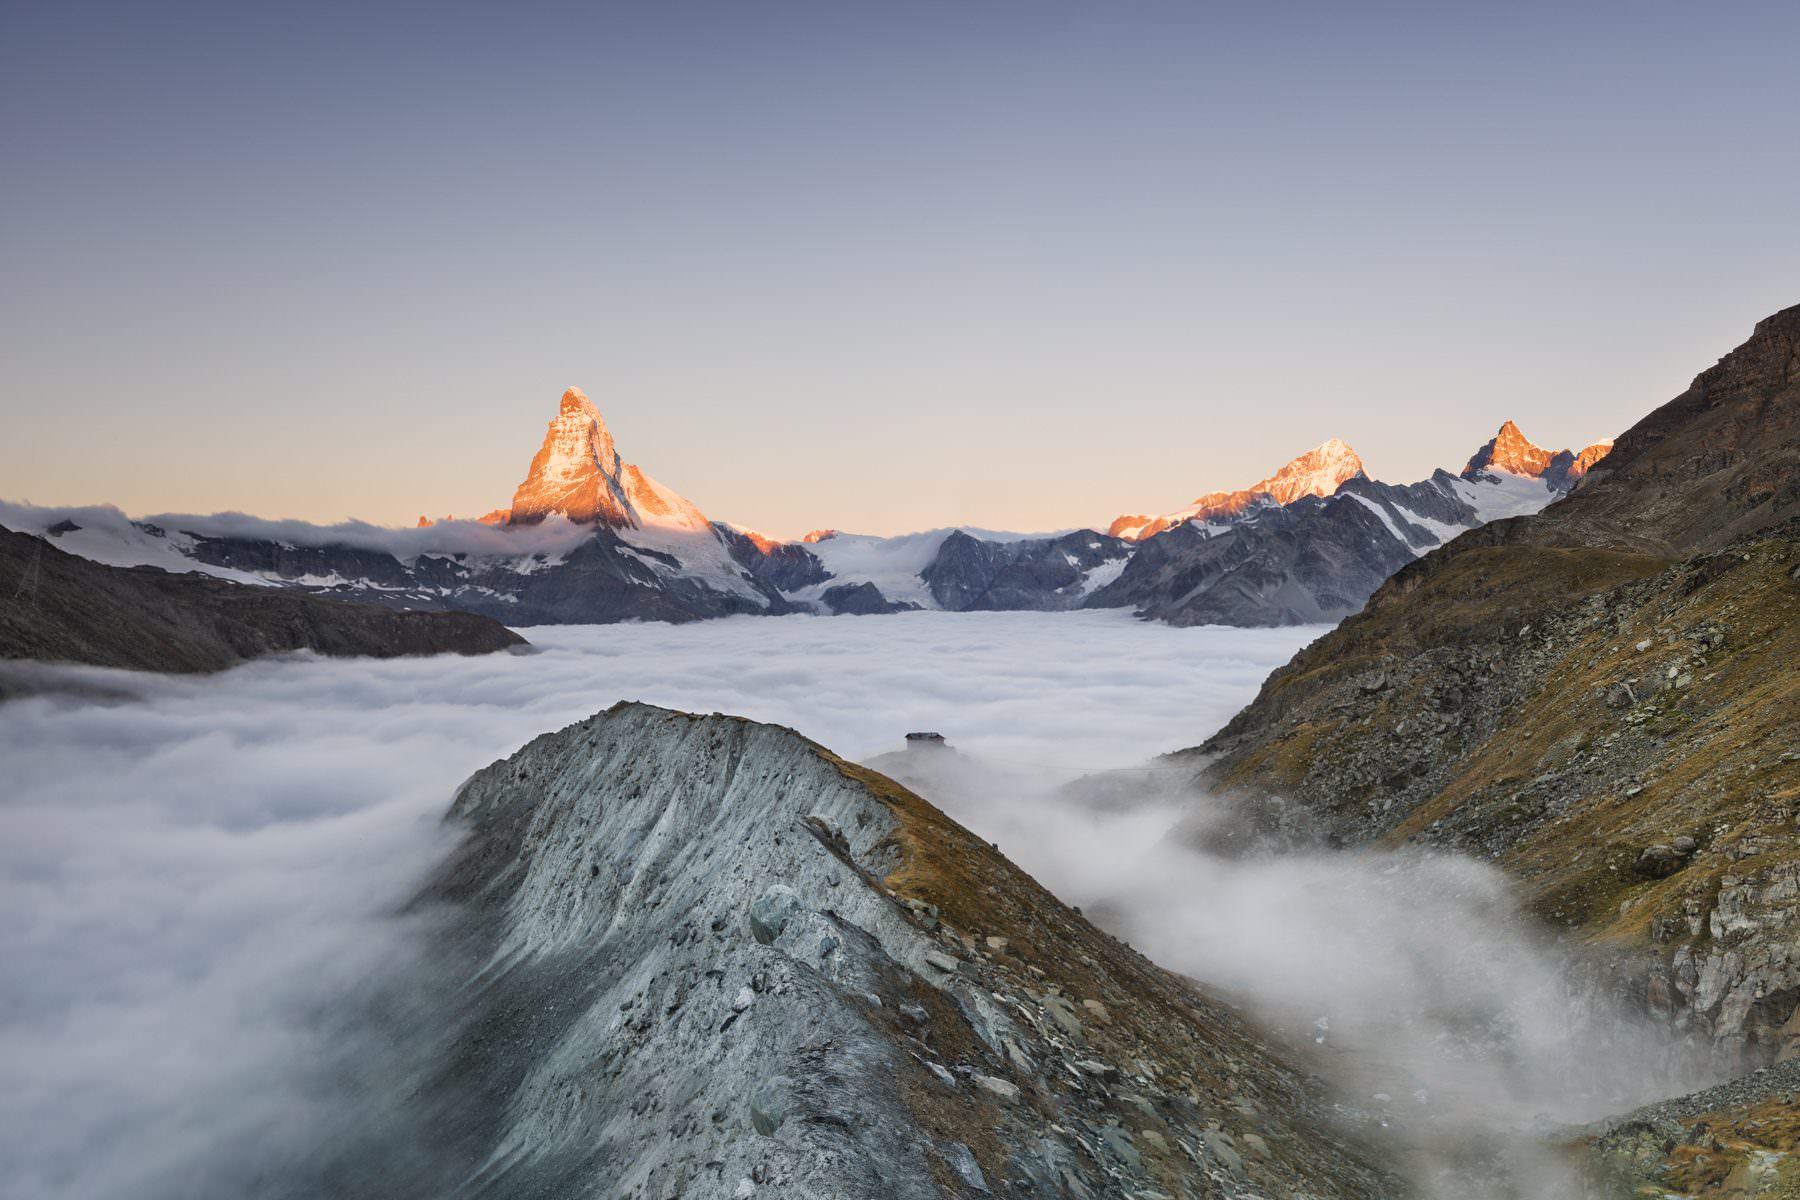 Herbstlicher Sonnenaufgang auf der Fluealp, Zermatt, Valais mit Blick auf die Fluealp und dem Matterhorn